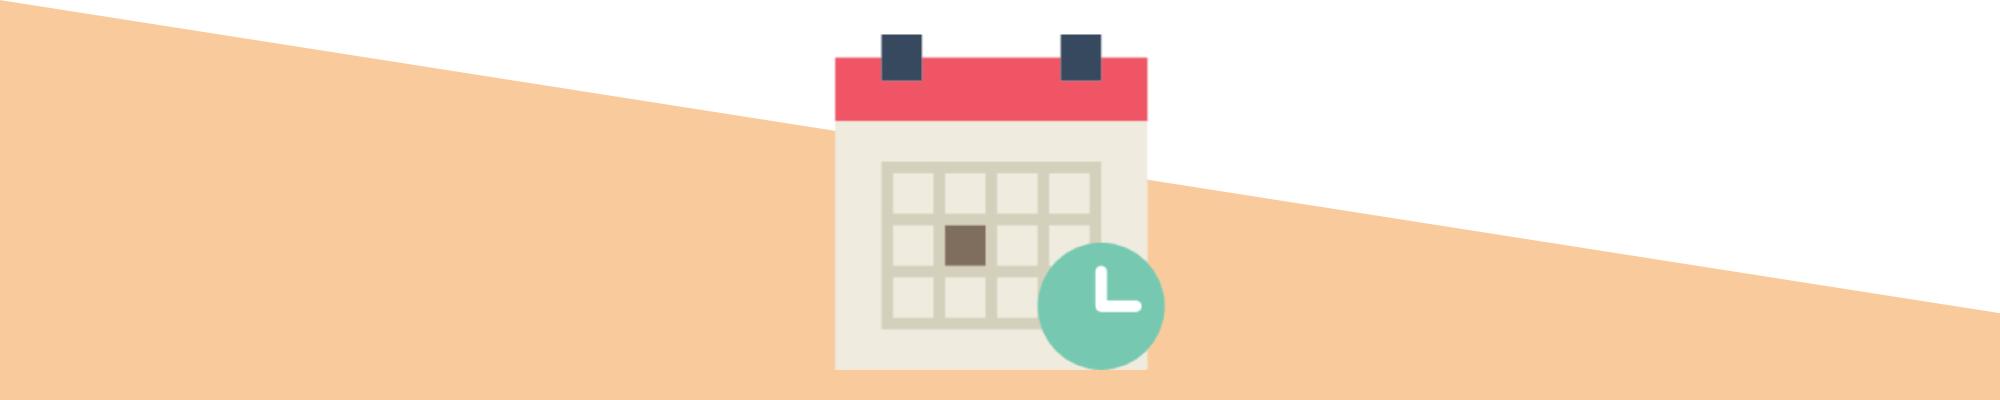 Möjligheten att ändra datumintervallet i Google Analytics.